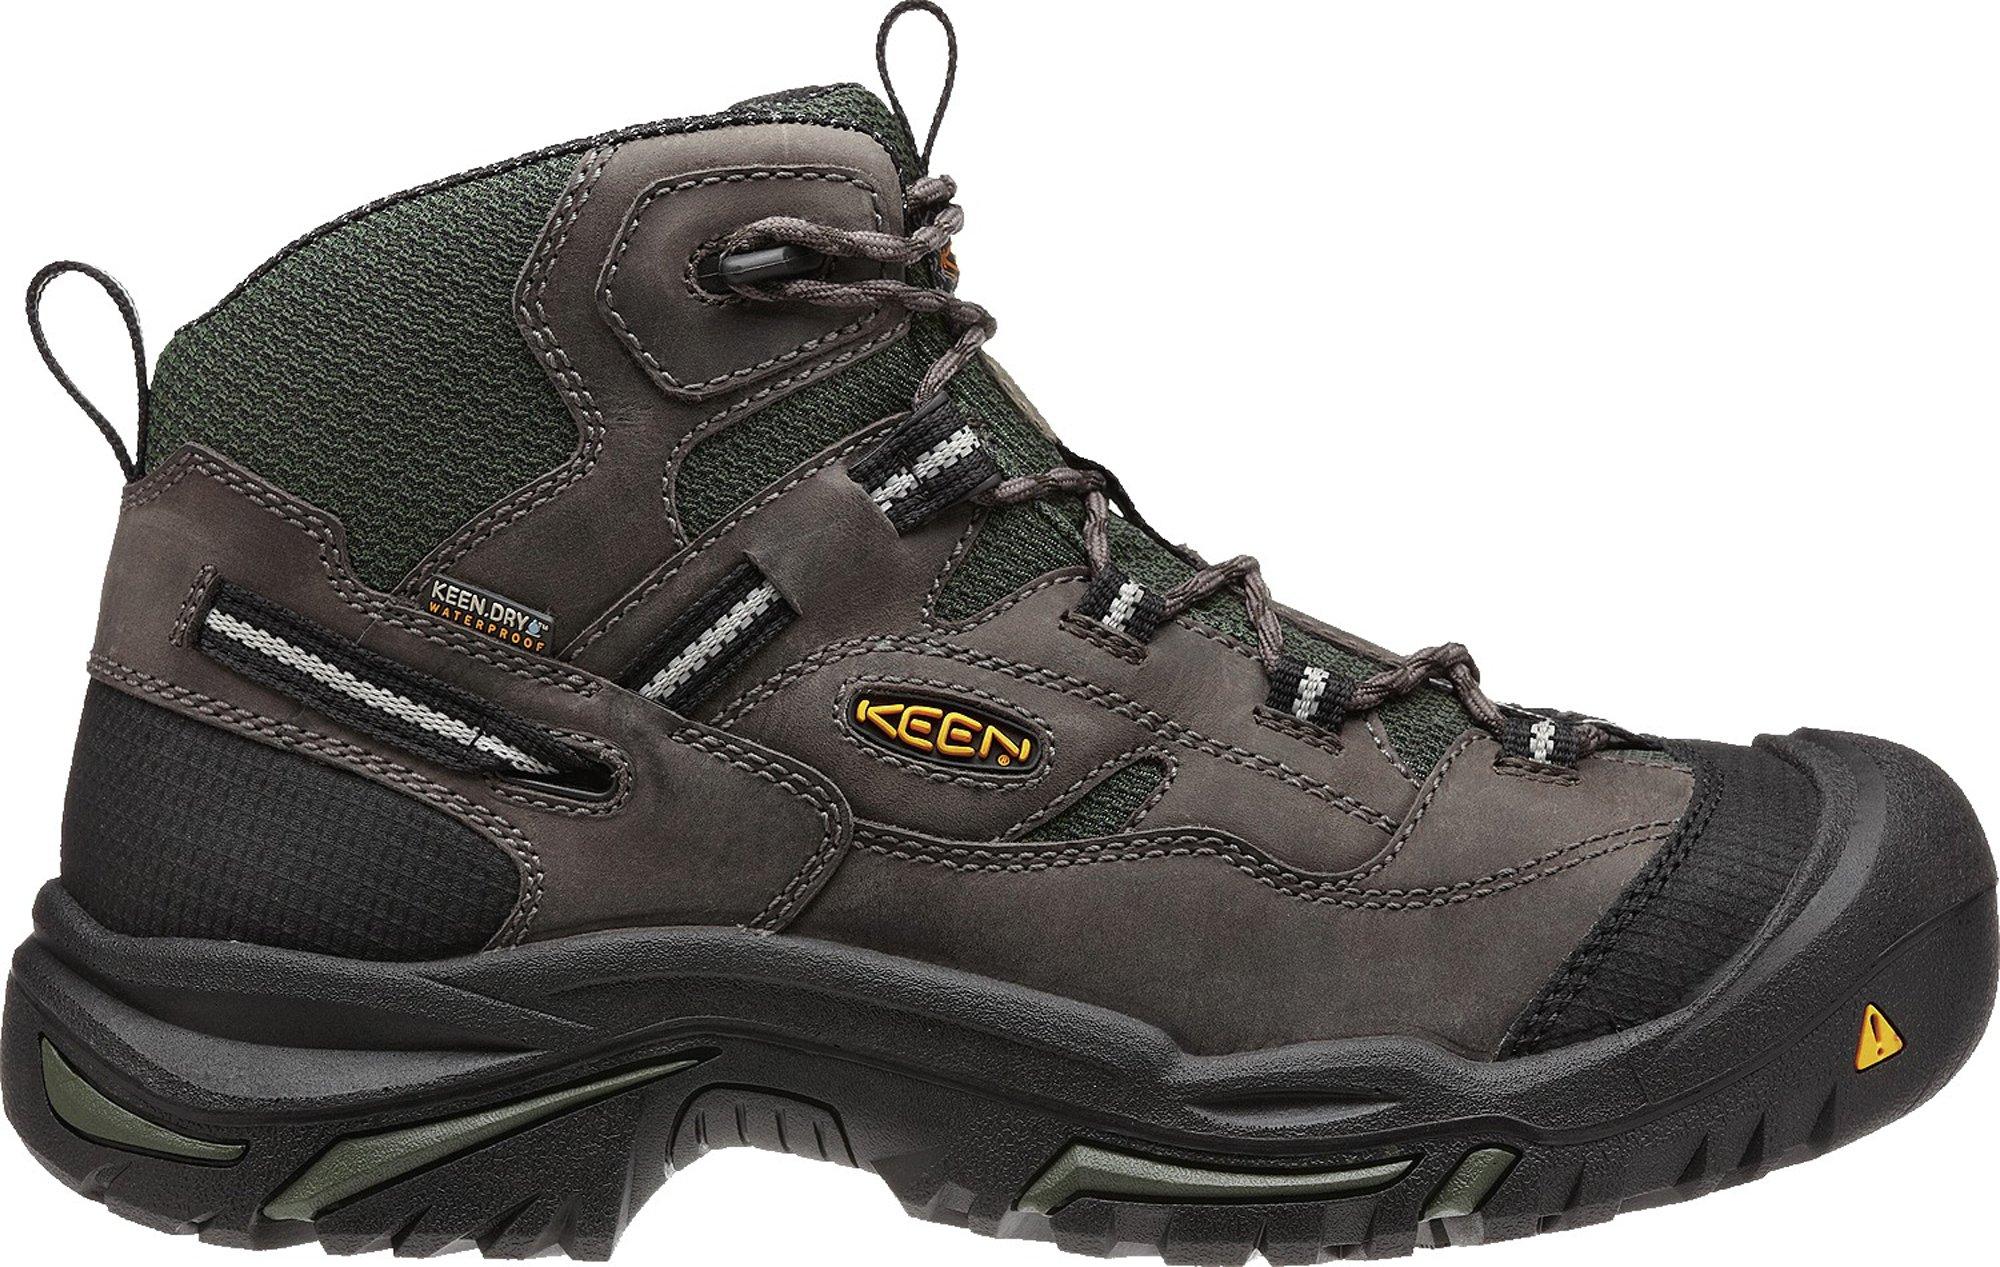 KEEN Utility Men's Braddock Mid Steel Toe Boot,Gargoyle/Forest,10.5 EE US